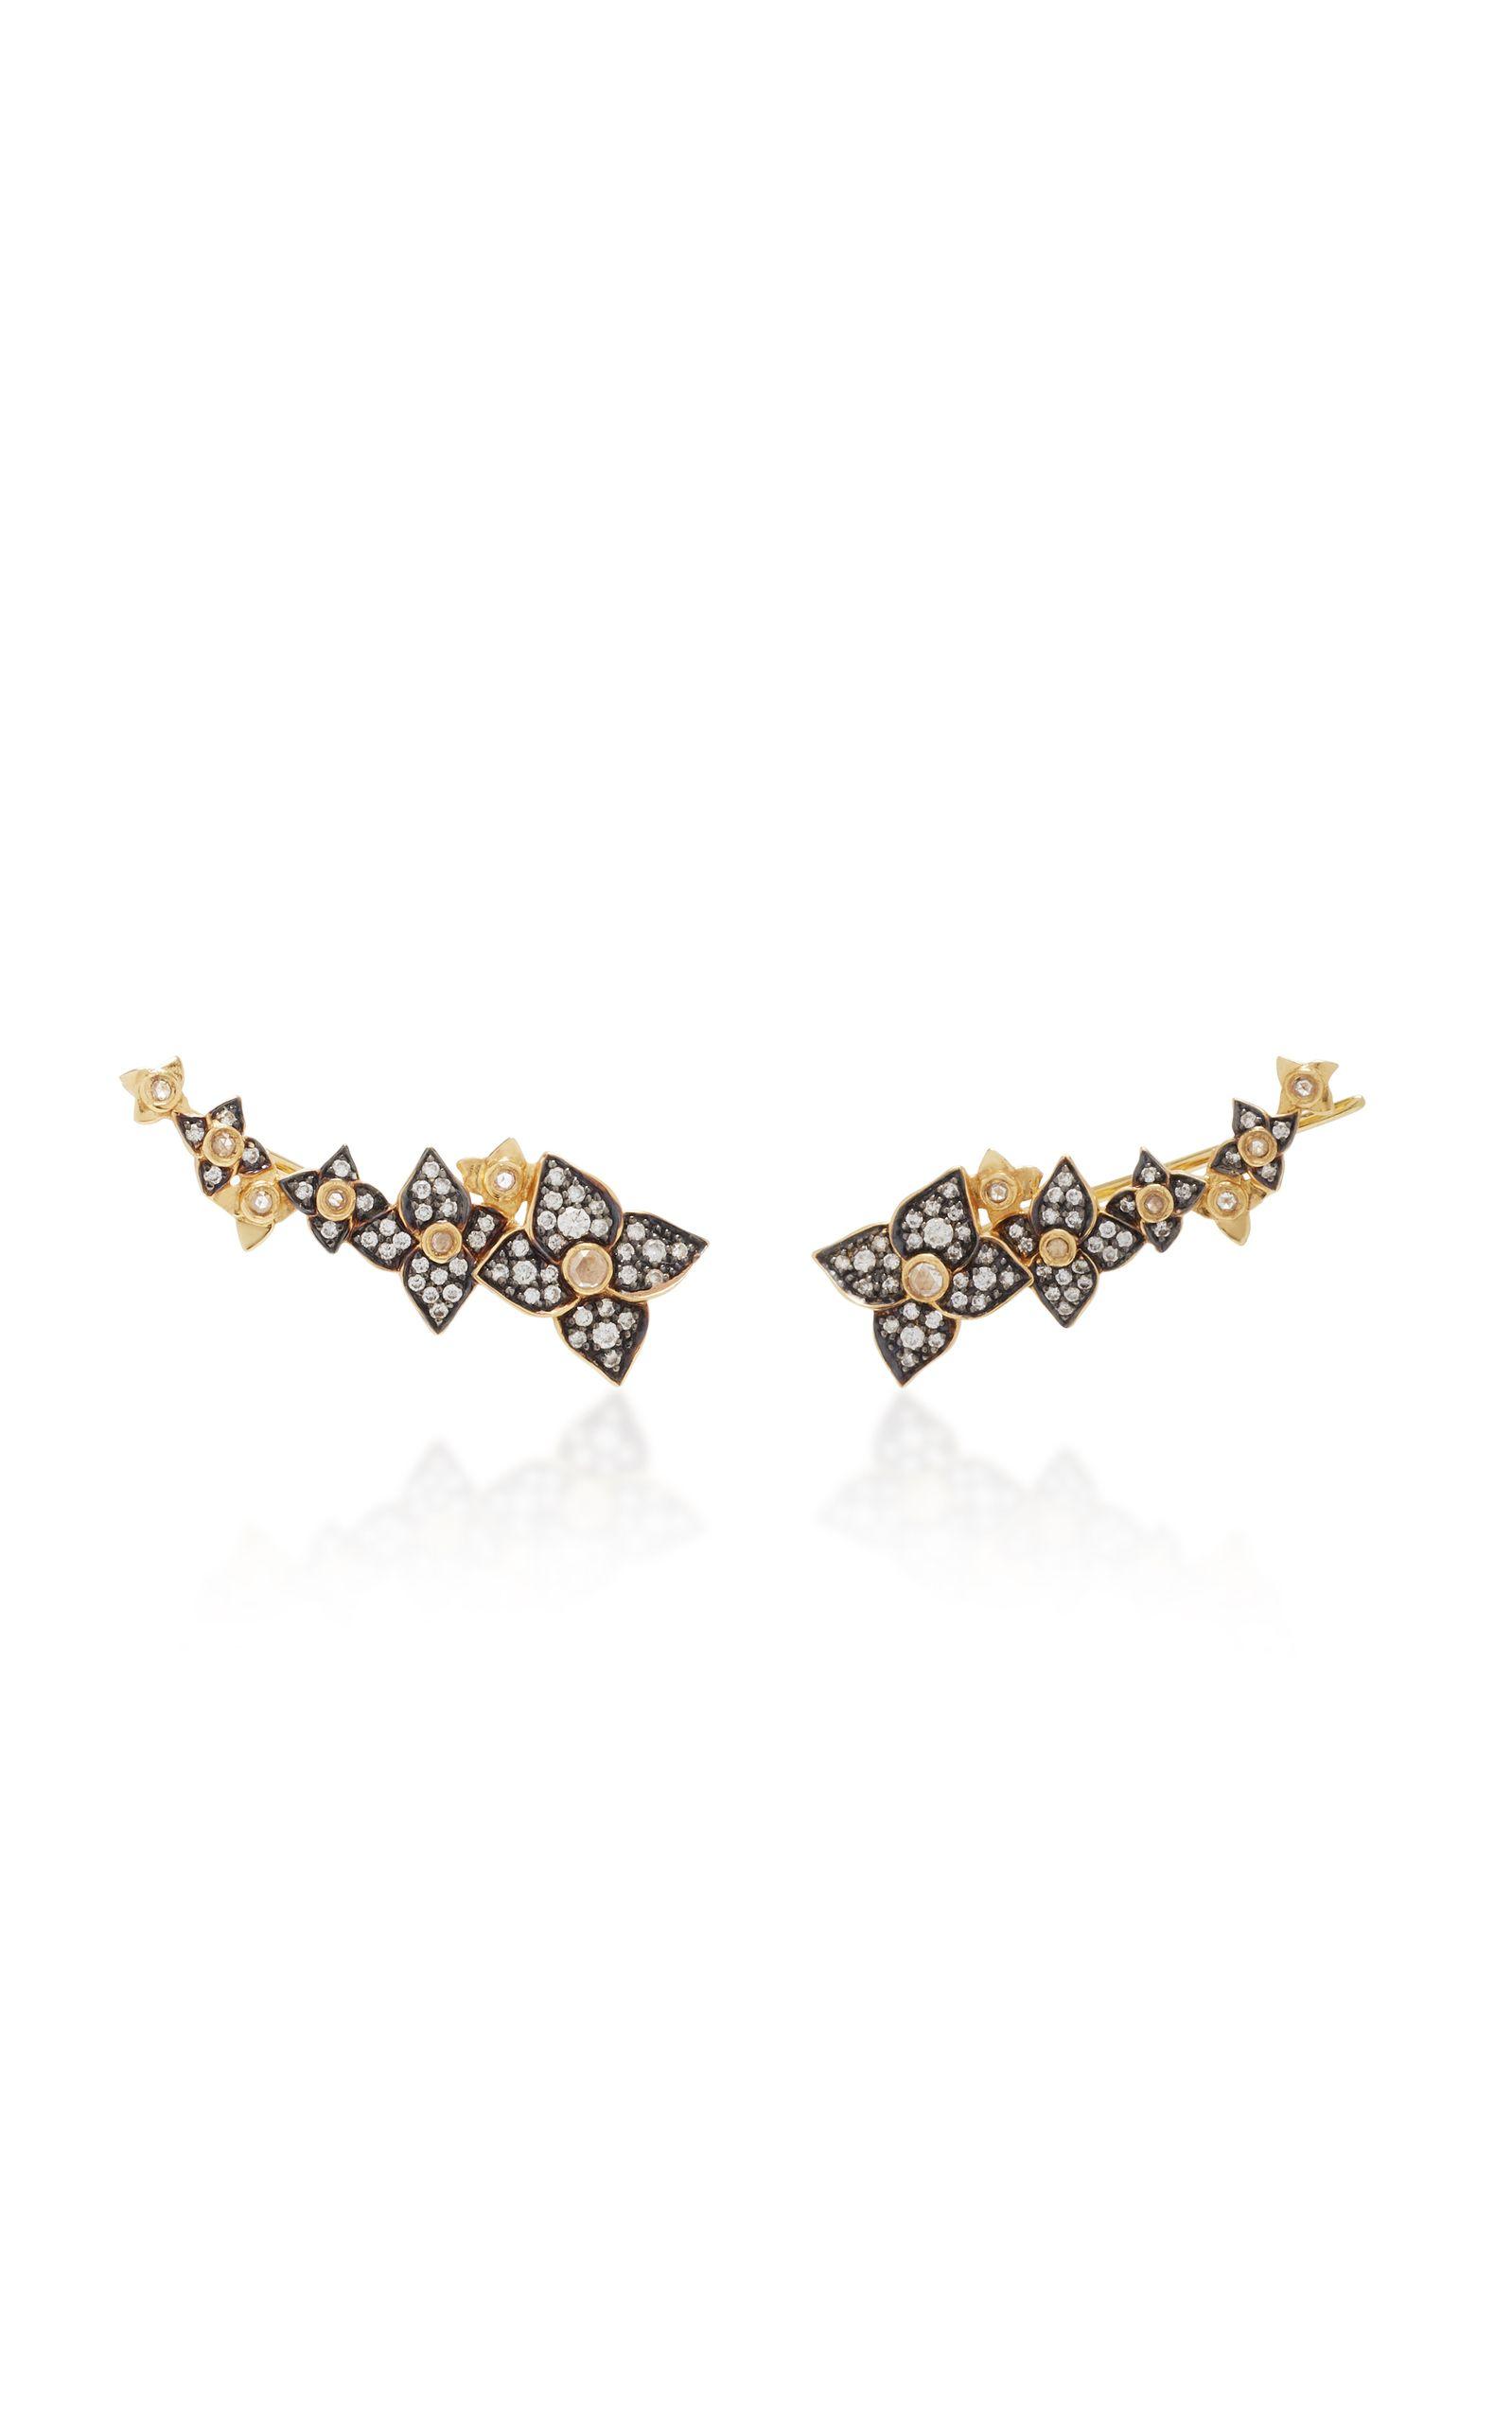 18K Gold Diamond Flower Wing Stud Earrings Sorellina t3LRlL